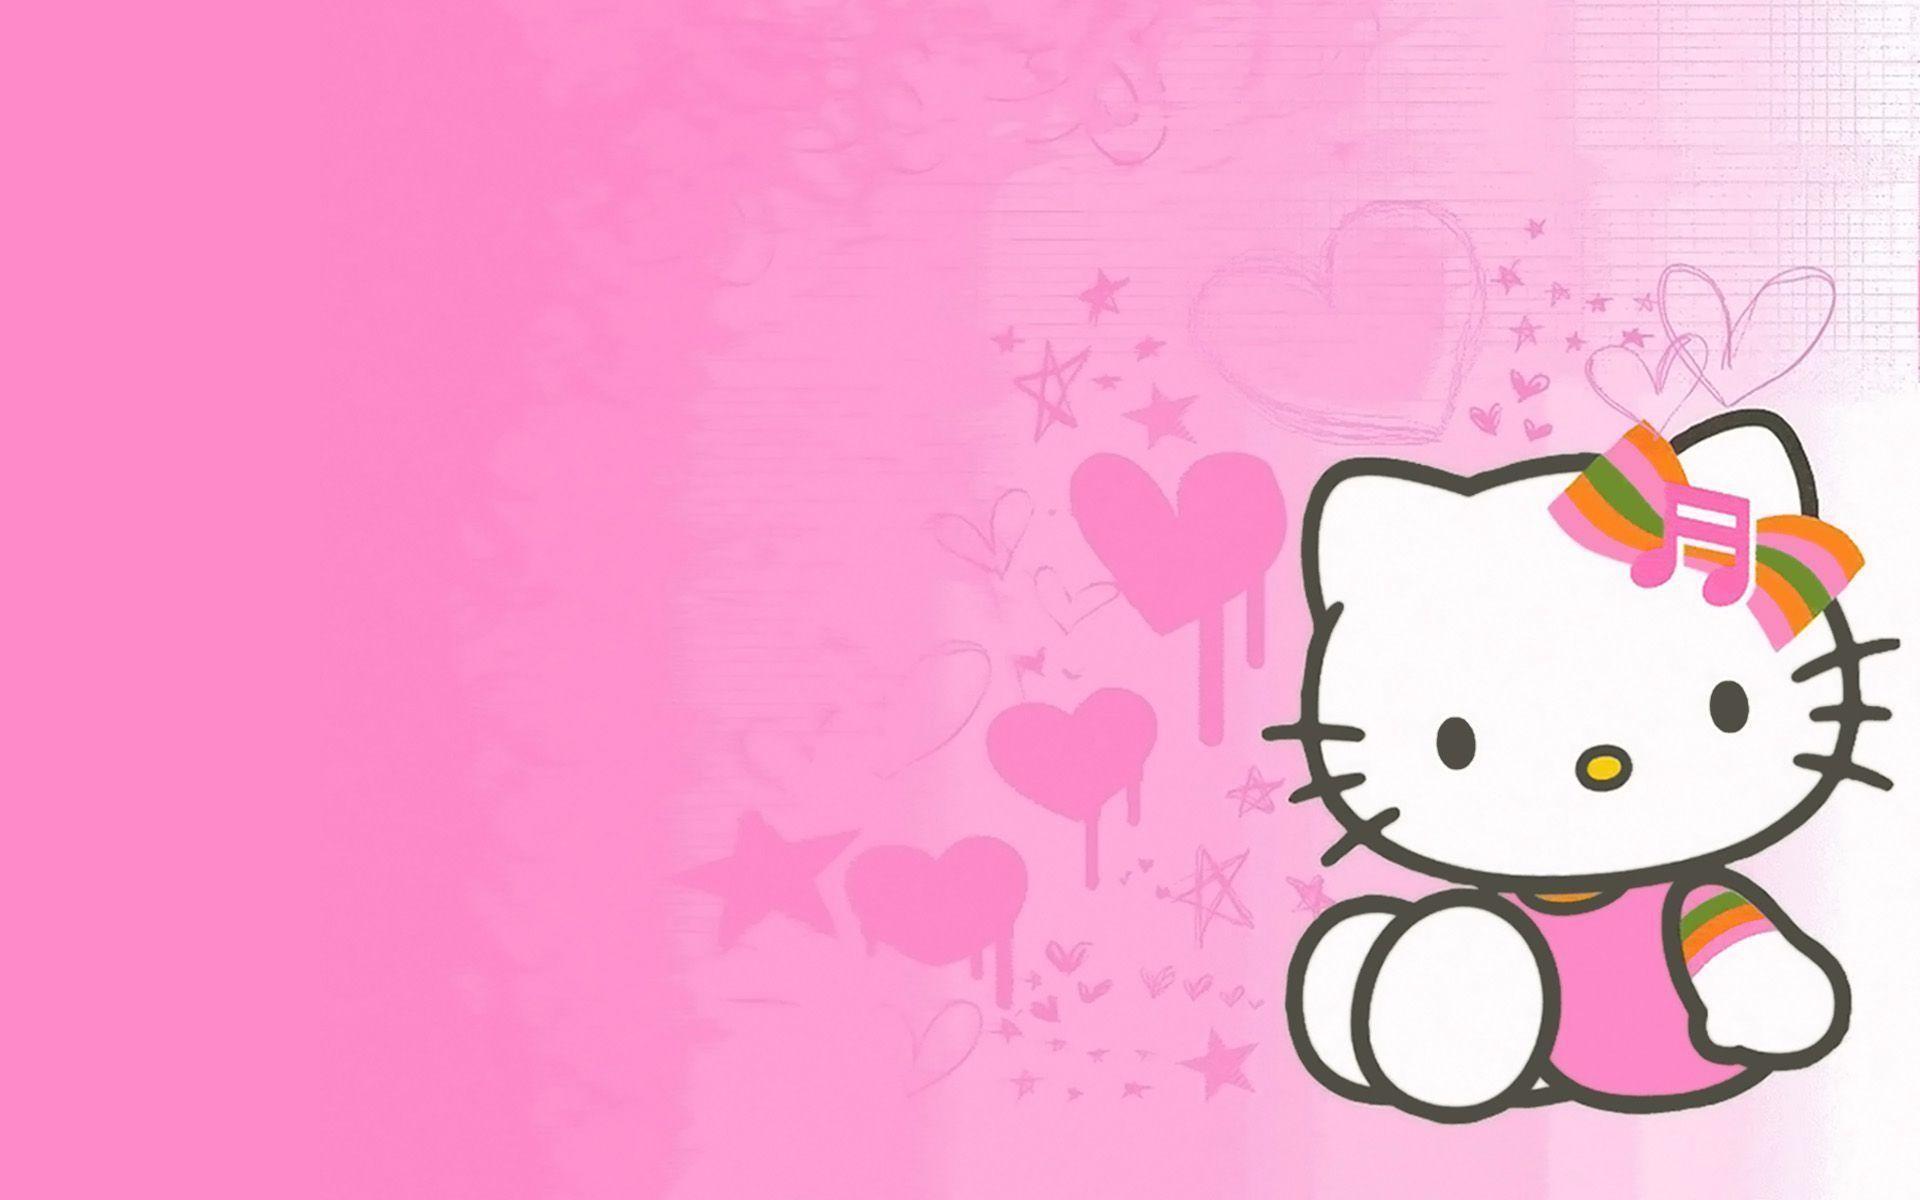 Hình nền kitty màu hồng